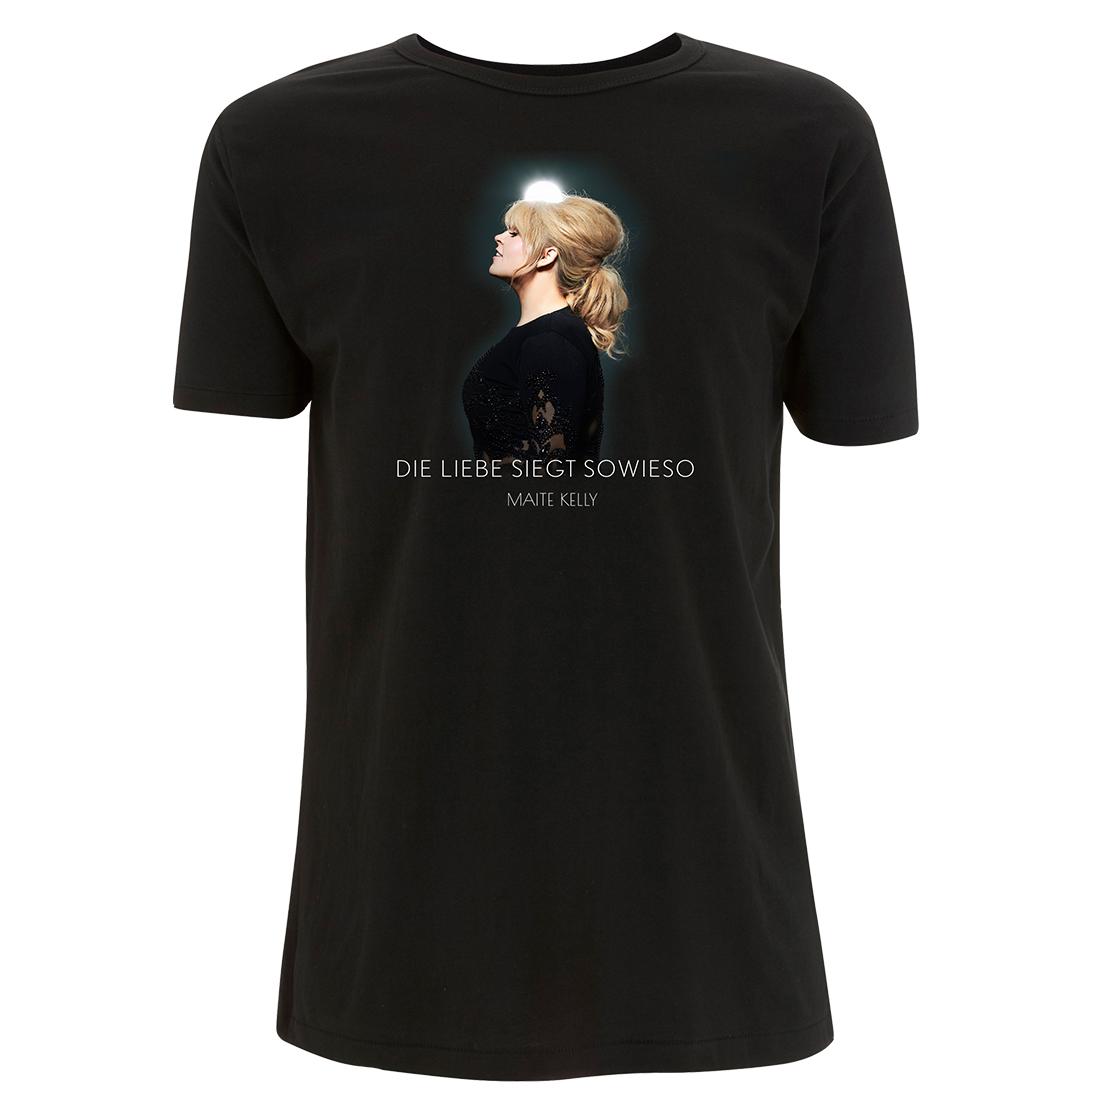 Maite Kelly Die Liebe siegt sowieso T-Shirt, schwarz